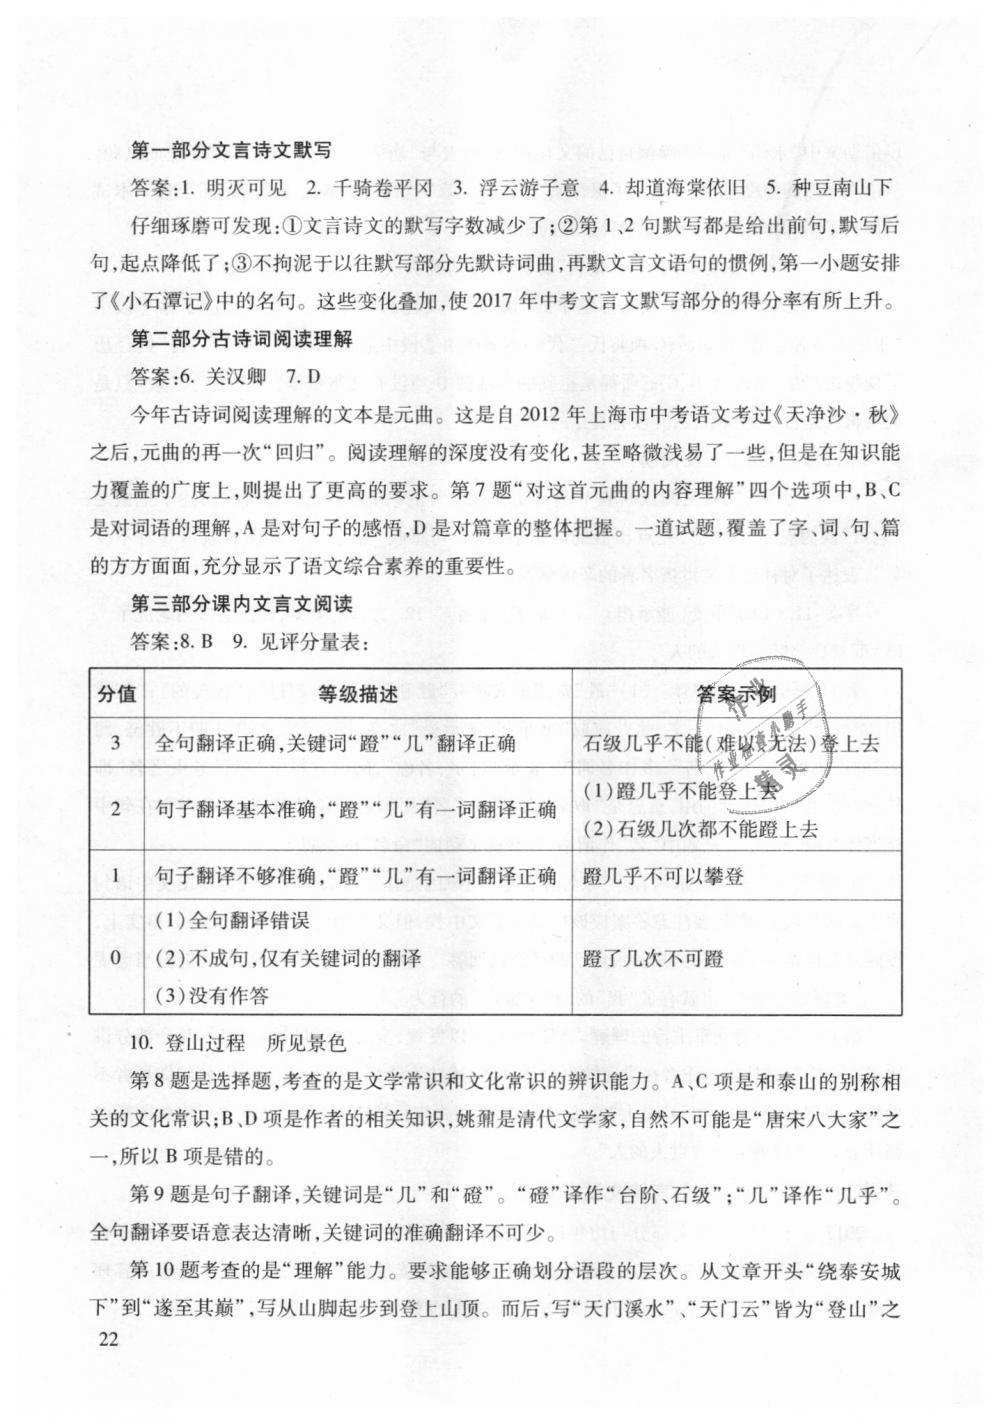 2018年中考文言诗文考试篇目点击九年级语文沪教版第22页